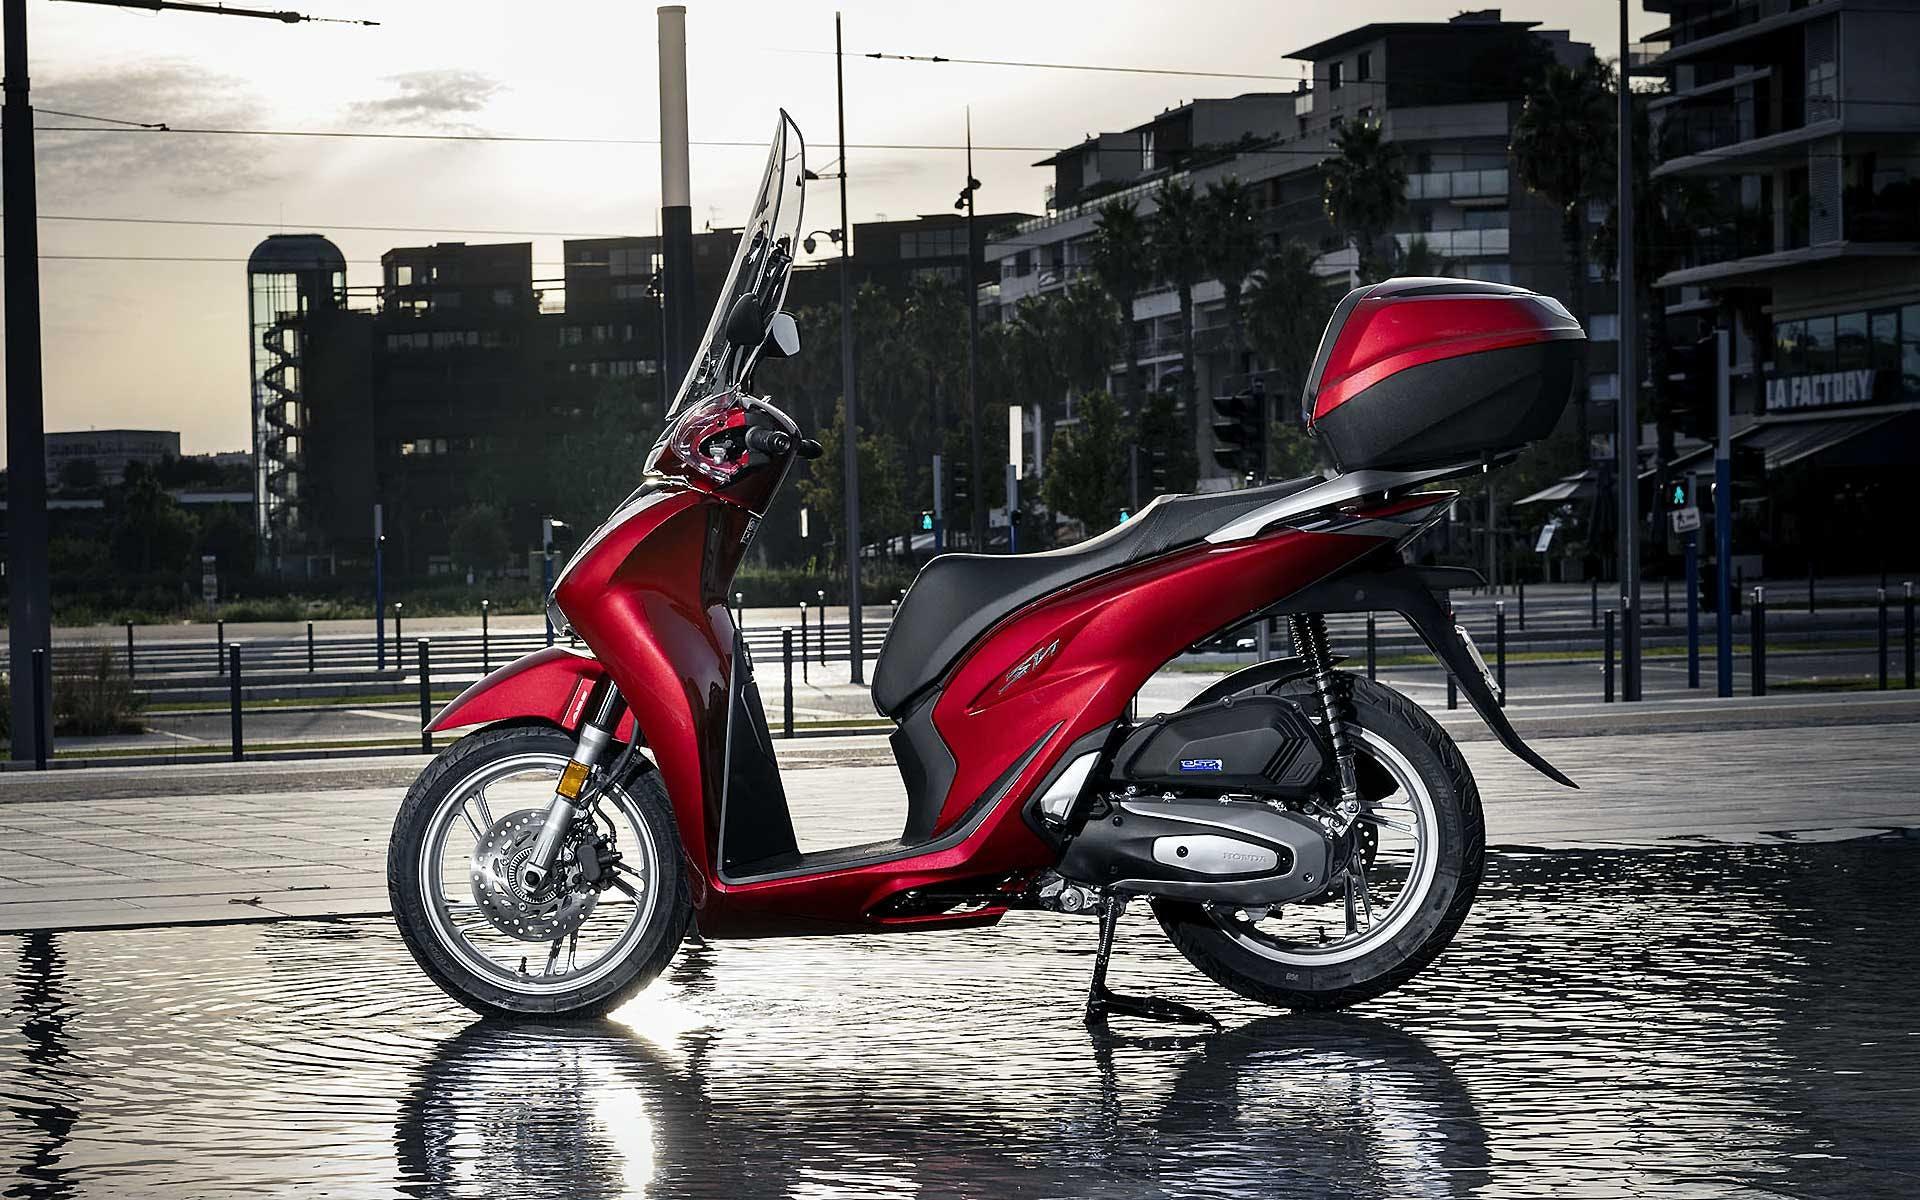 migliori scooter 2020 Honda SH rosso con bauletto